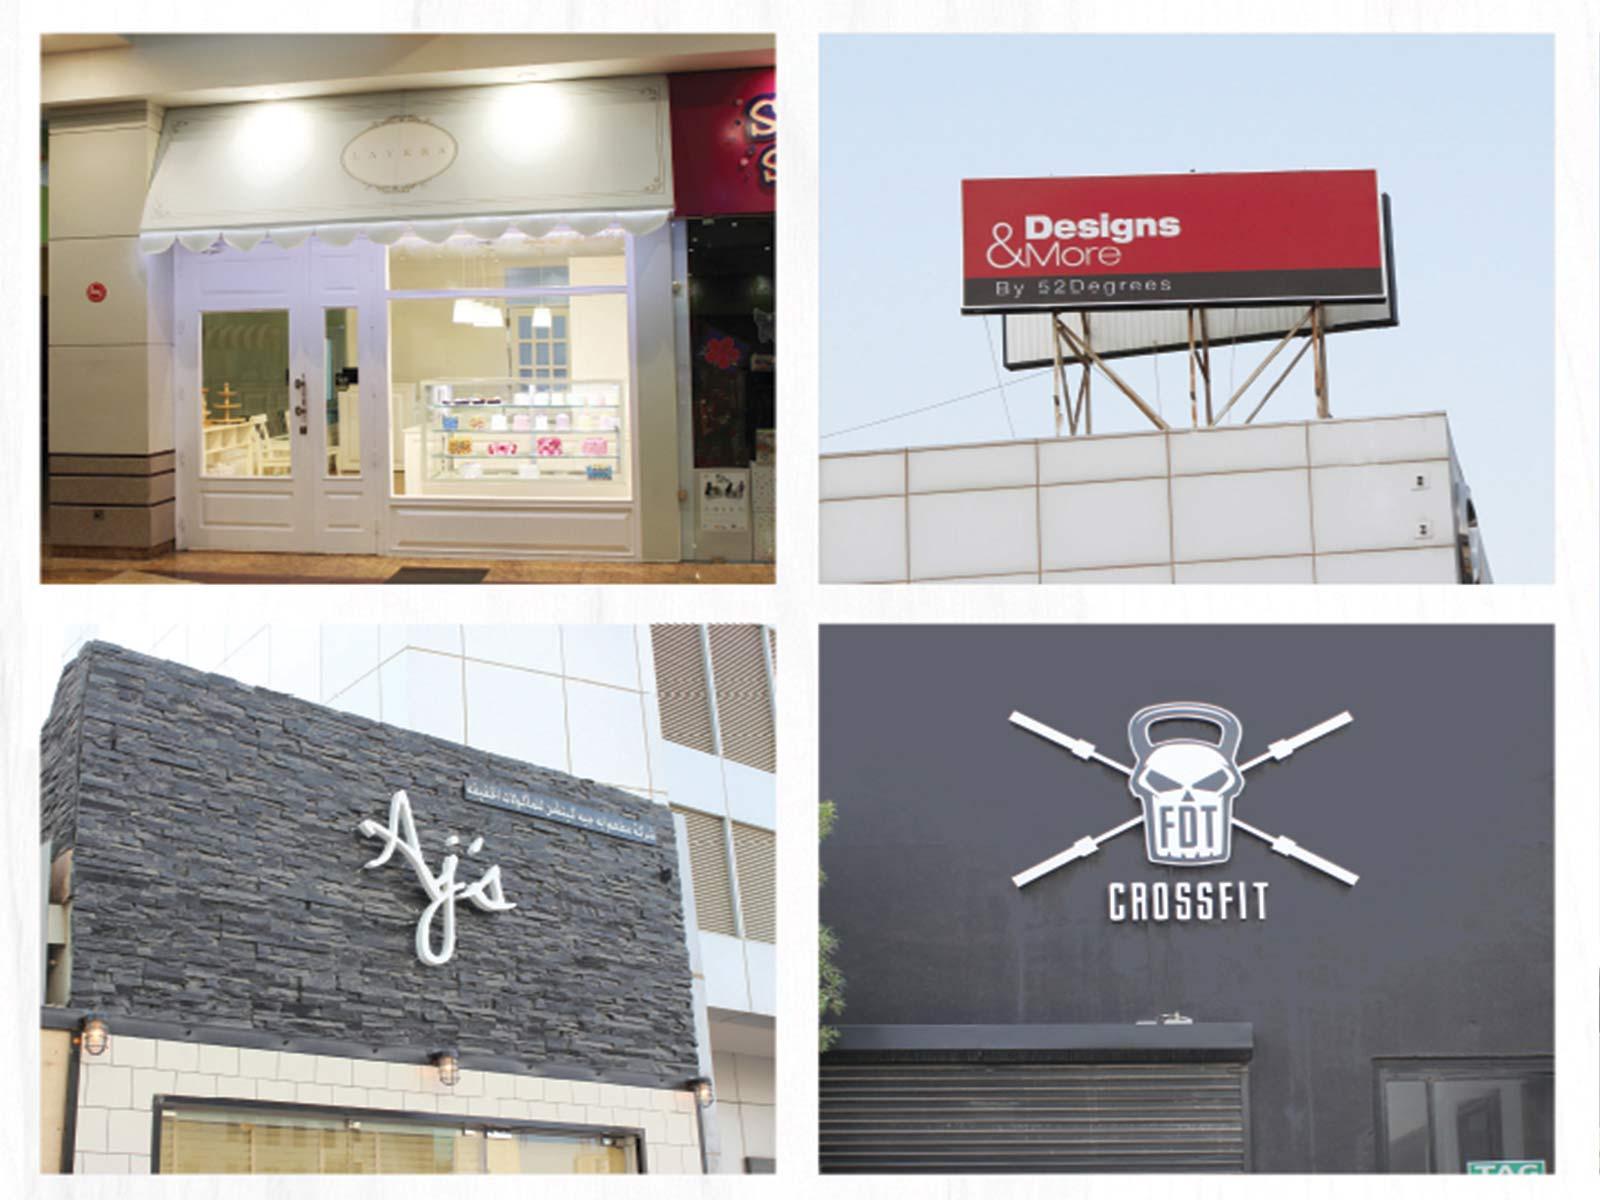 siginkservice-ourwork-n_kuwait